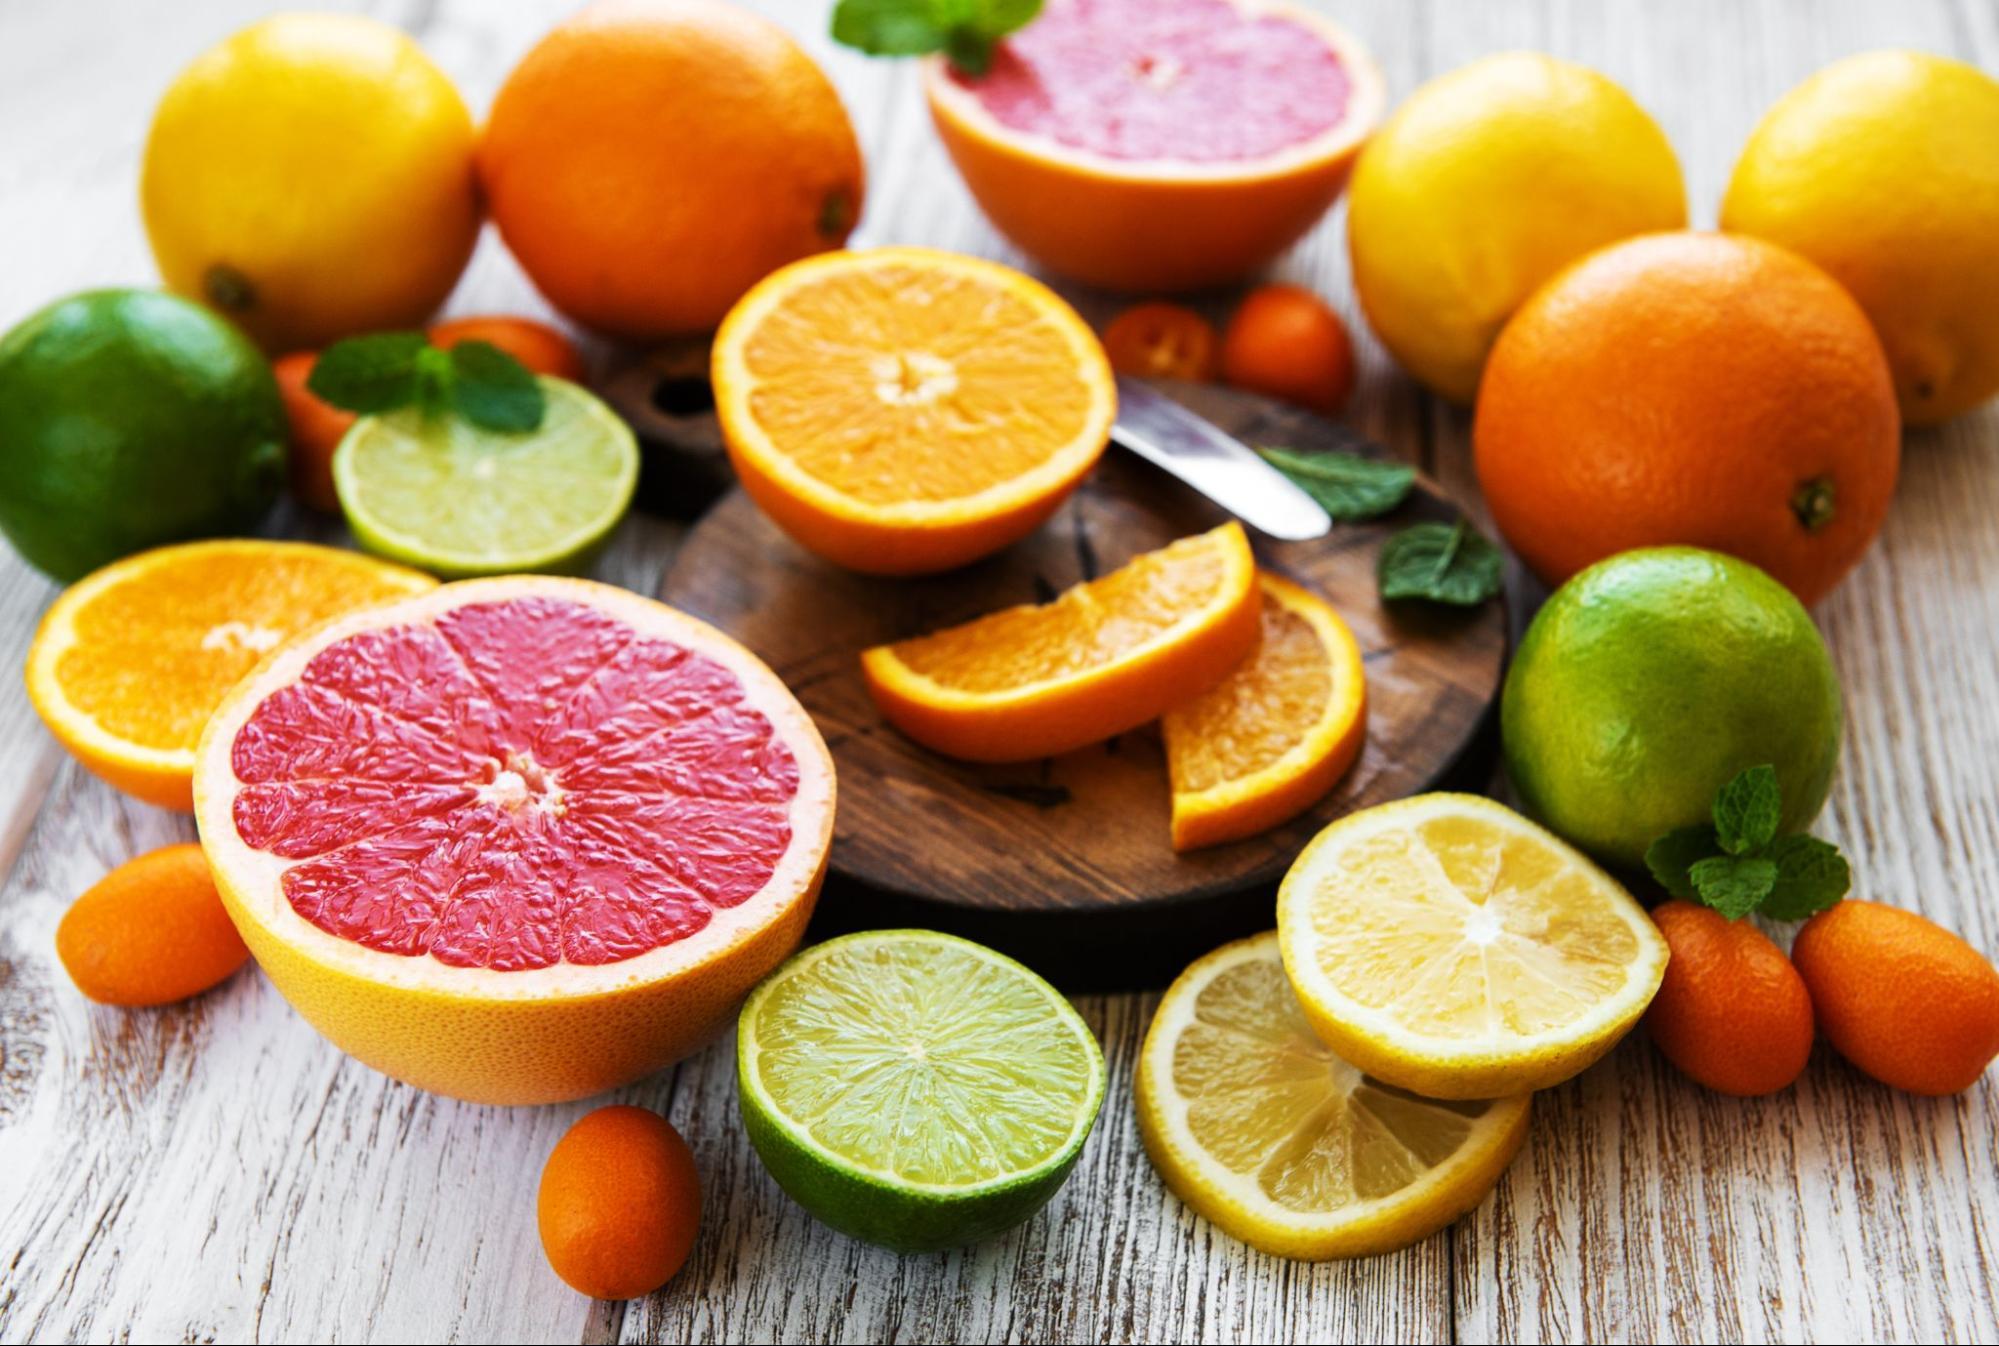 LPR diet: Variety of fresh citrus fruits